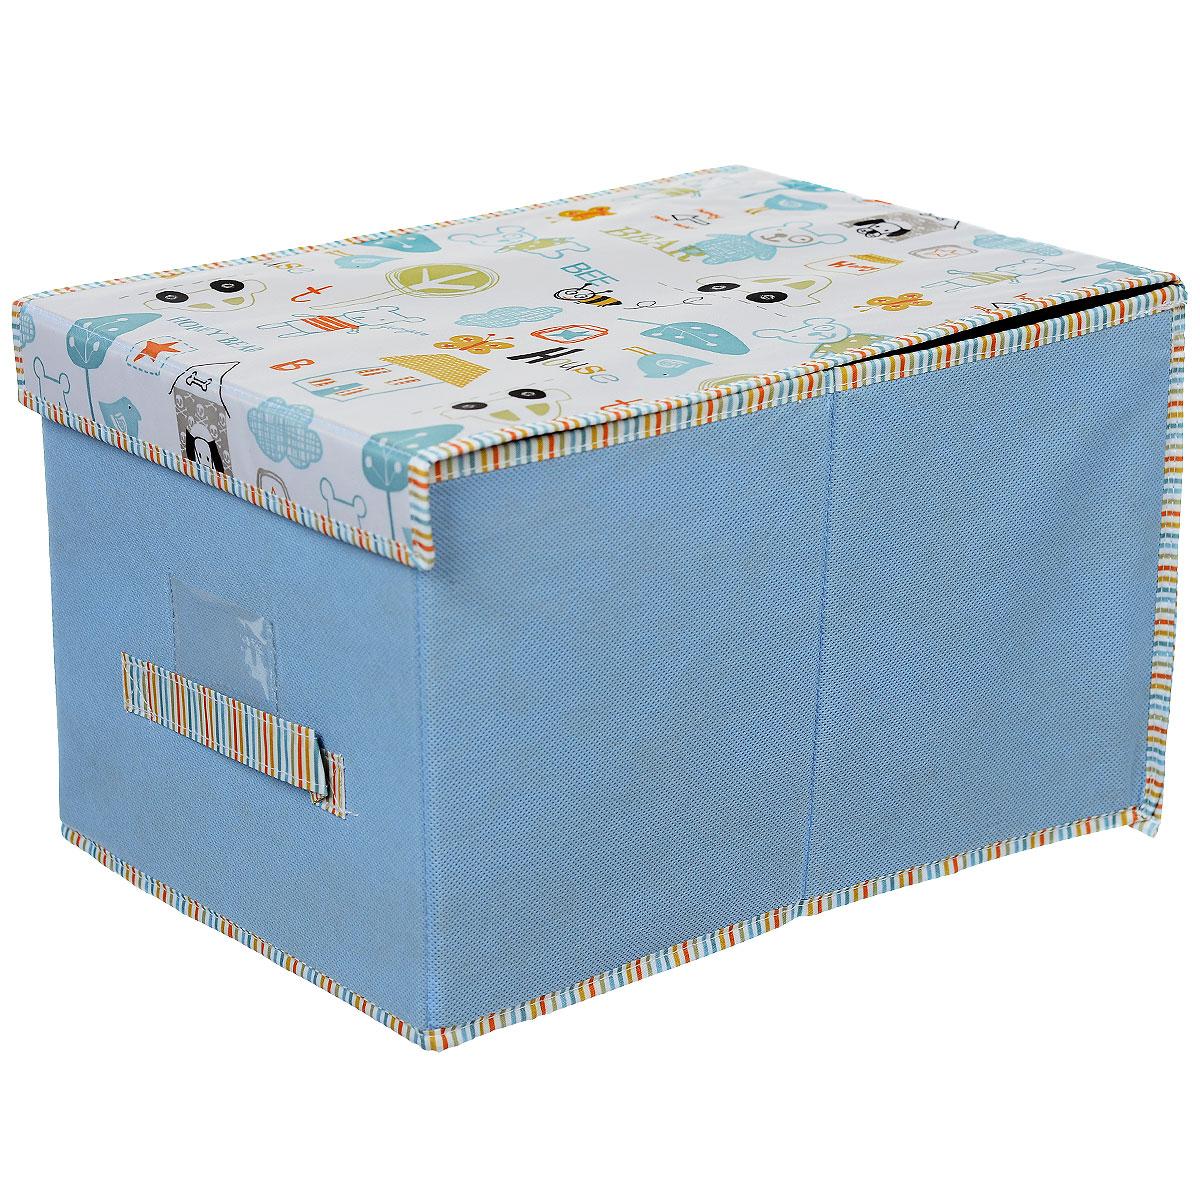 Чехол-коробка Cosatto Беби, цвет: голубой, 30 х 40 х 25 см96515412Чехол-коробка Cosatto Беби поможет легко и красиво организовать пространство в детской комнате. Изделие выполнено из полиэстера и нетканого материала, прочность каркаса обеспечивается наличием внутри плотных и толстых листов картона. Чехол-коробка закрывается крышкой на две липучки, что поможет защитить вещи от пыли и грязи. Сбоку имеется ручка. Такой чехол идеально подойдет для хранения игрушек и детских вещей. Привлекательный дизайн изделия привлечет внимание ребенка и вызовет у него желание самостоятельно убирать игрушки. Складная конструкция обеспечивает компактное хранение.